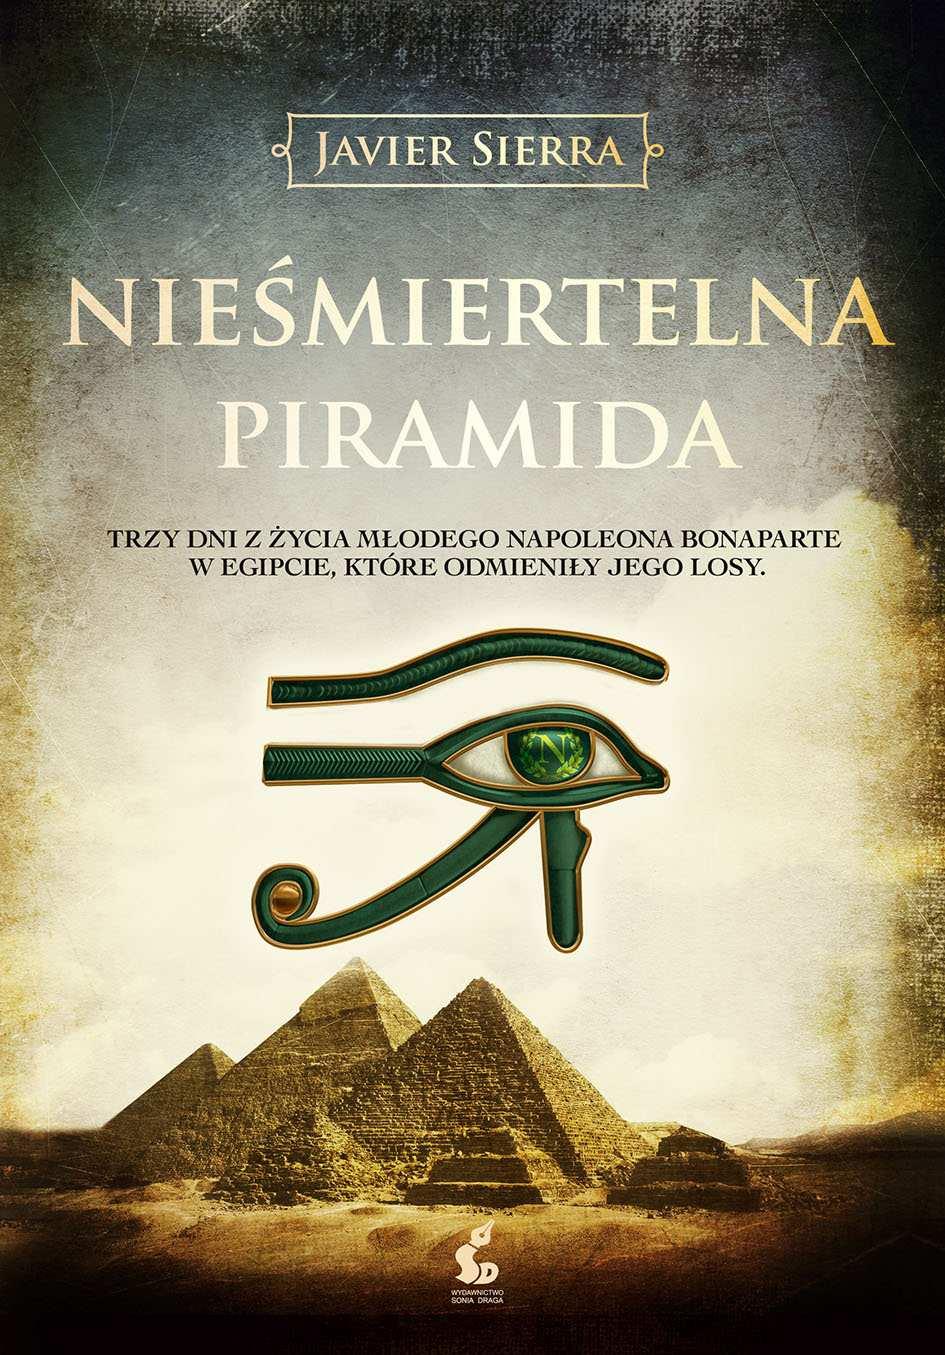 Nieśmiertelna piramida - Ebook (Książka EPUB) do pobrania w formacie EPUB